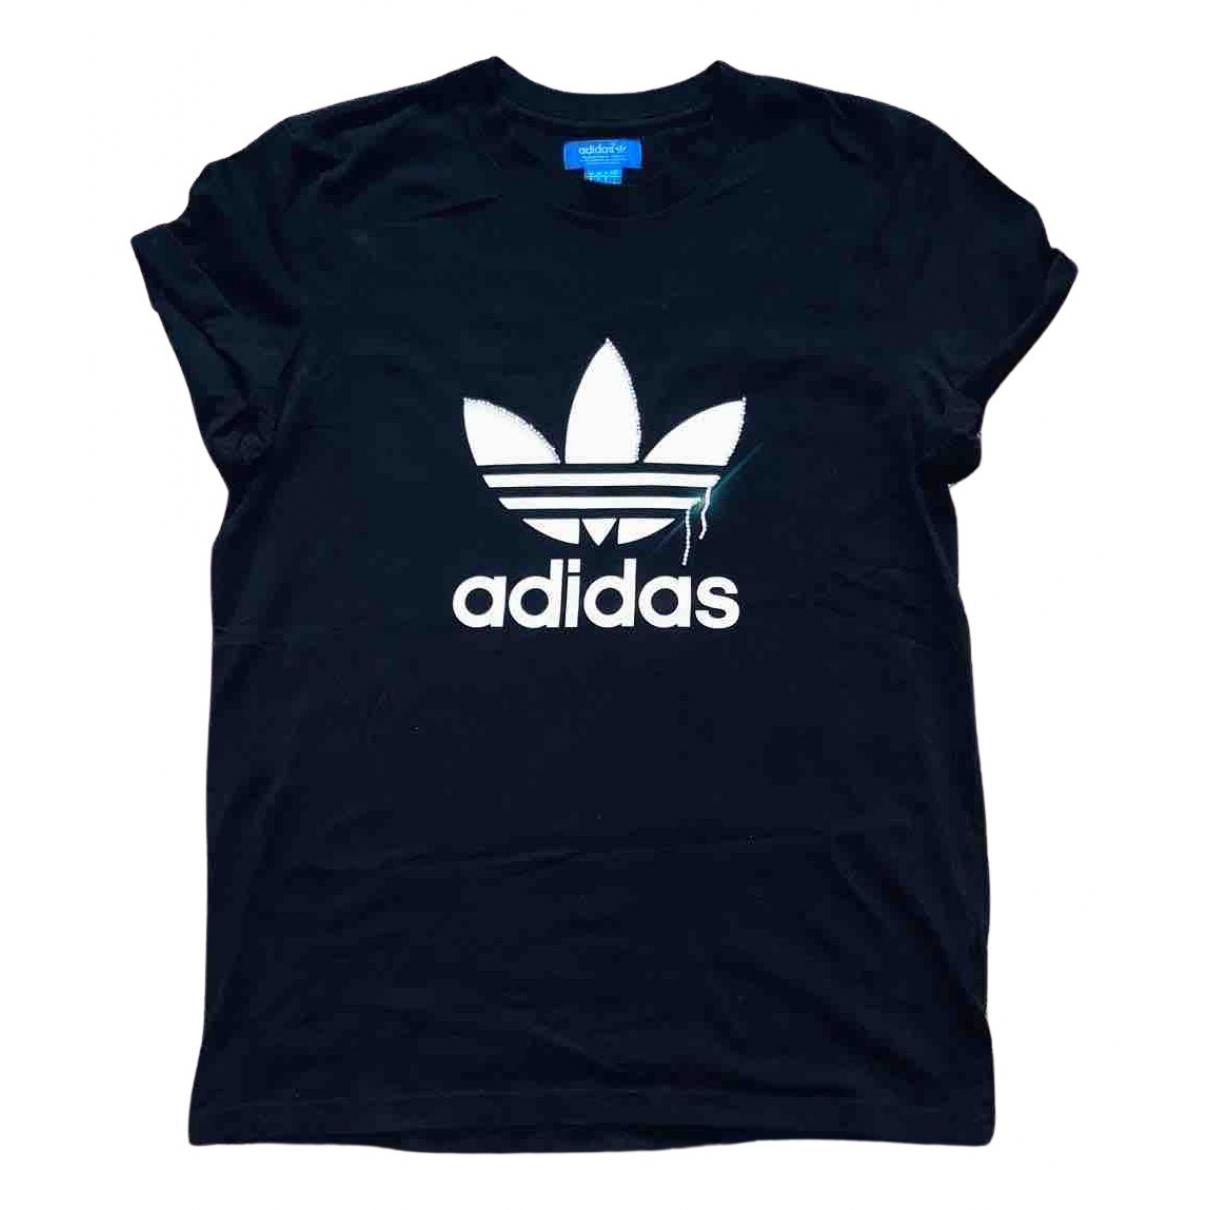 Adidas - Top   pour femme en coton - noir